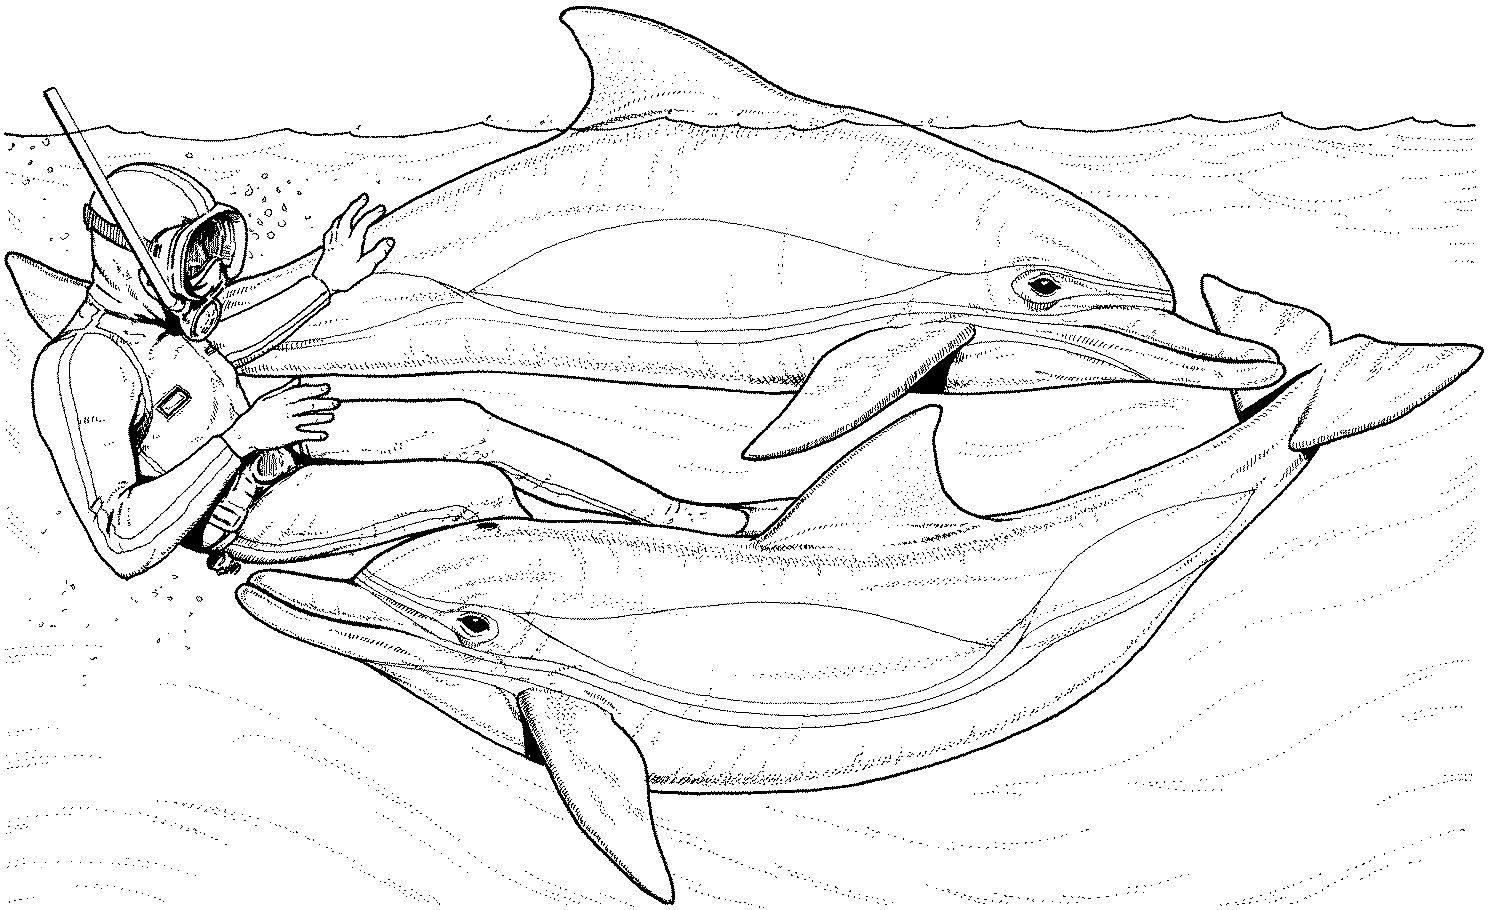 Delphin Zum Ausmalen Einzigartig 47 Elegant Delfin Ausmalbilder Zum Ausdrucken Beste Malvorlage Bild